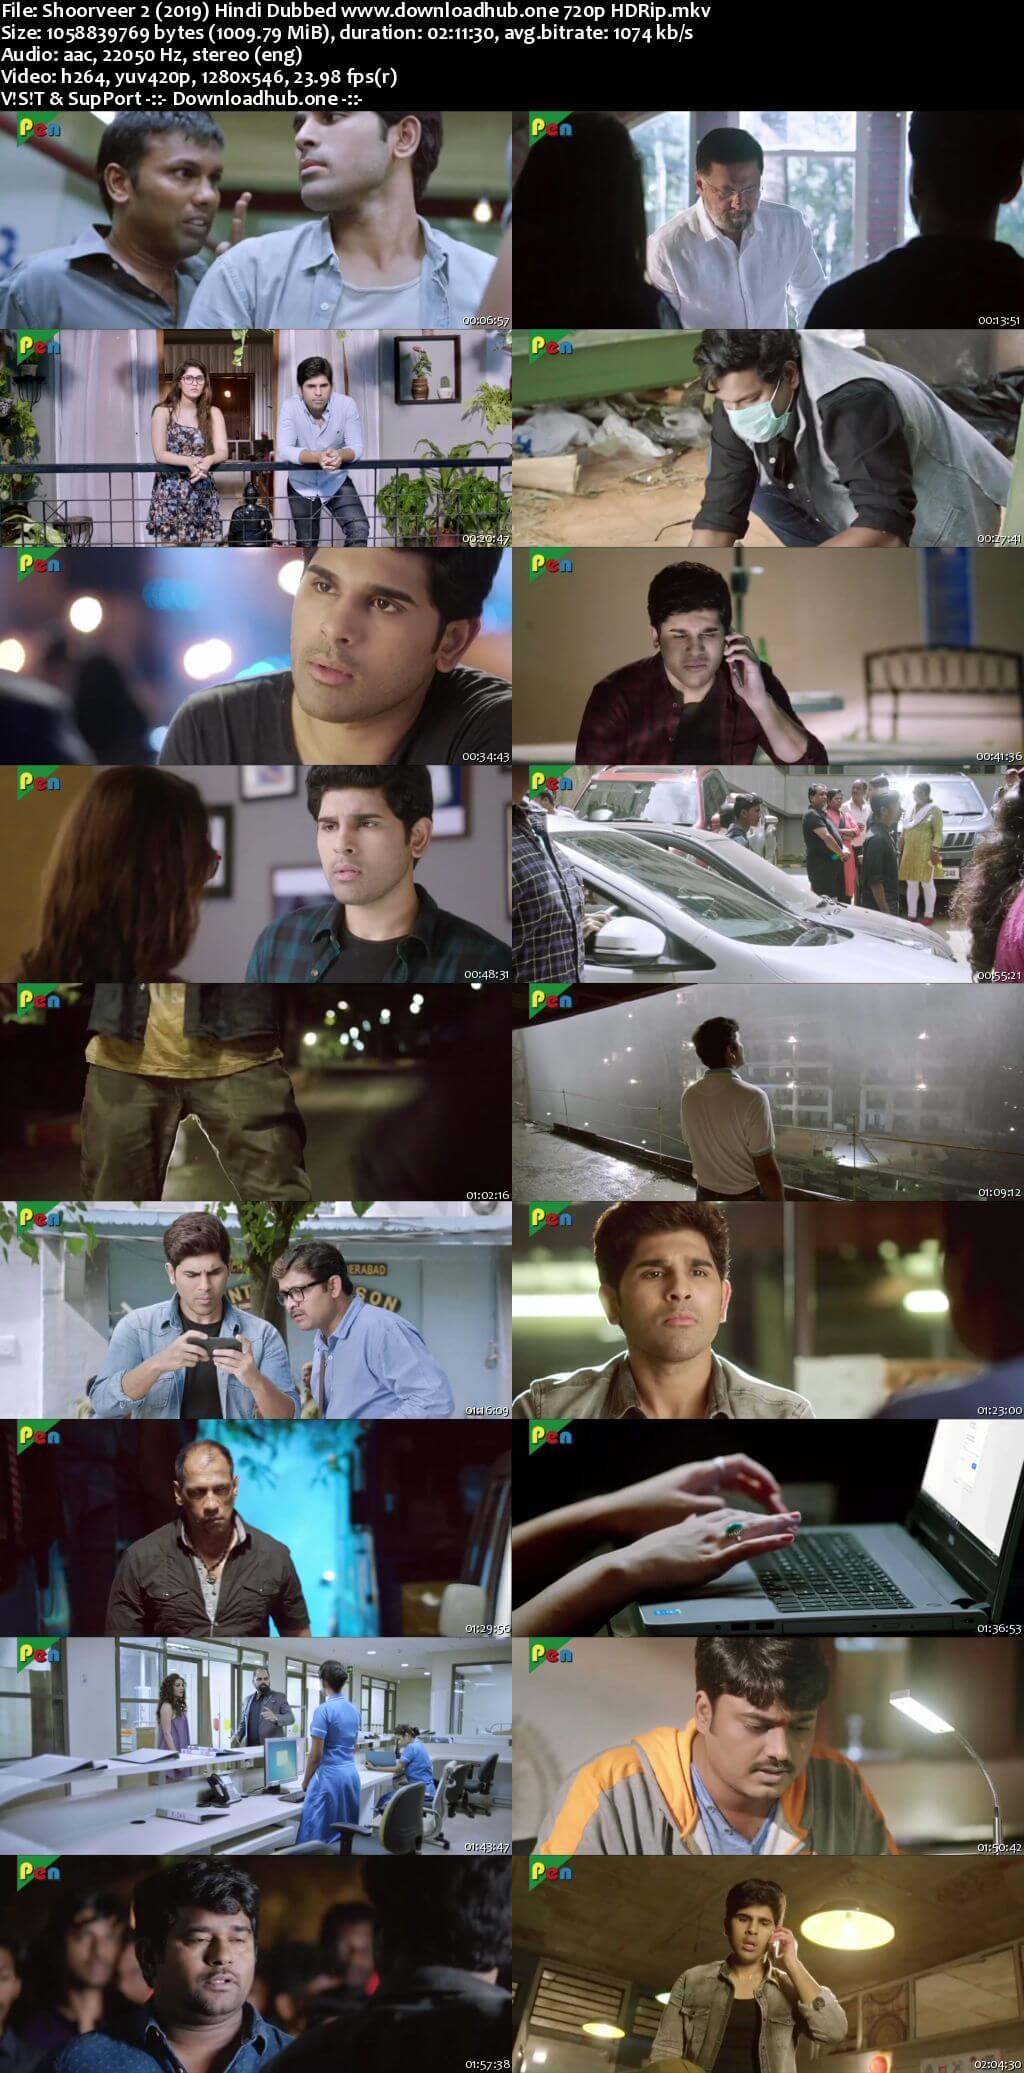 Shoorveer 2 2019 Hindi Dubbed 720p HDRip x264